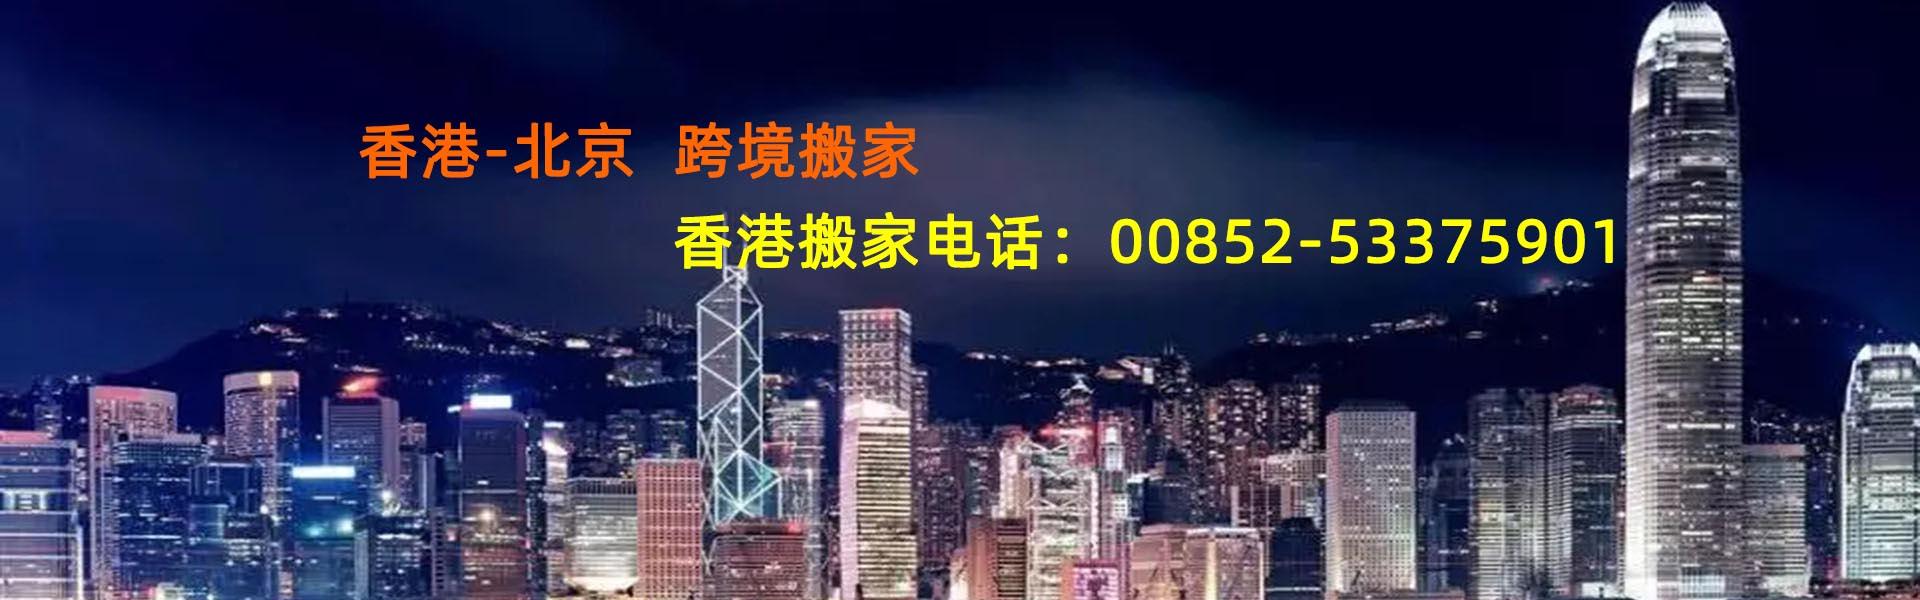 香港搬家到北京